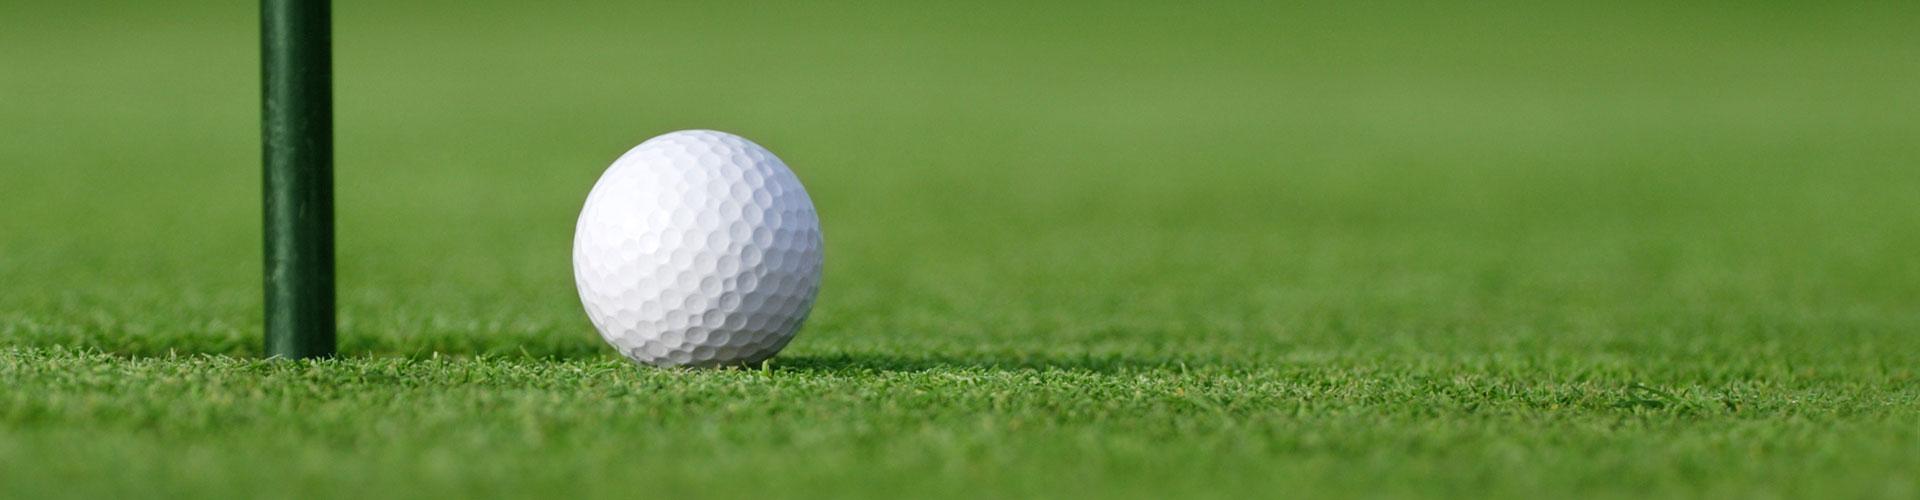 理想のゴルフをするために